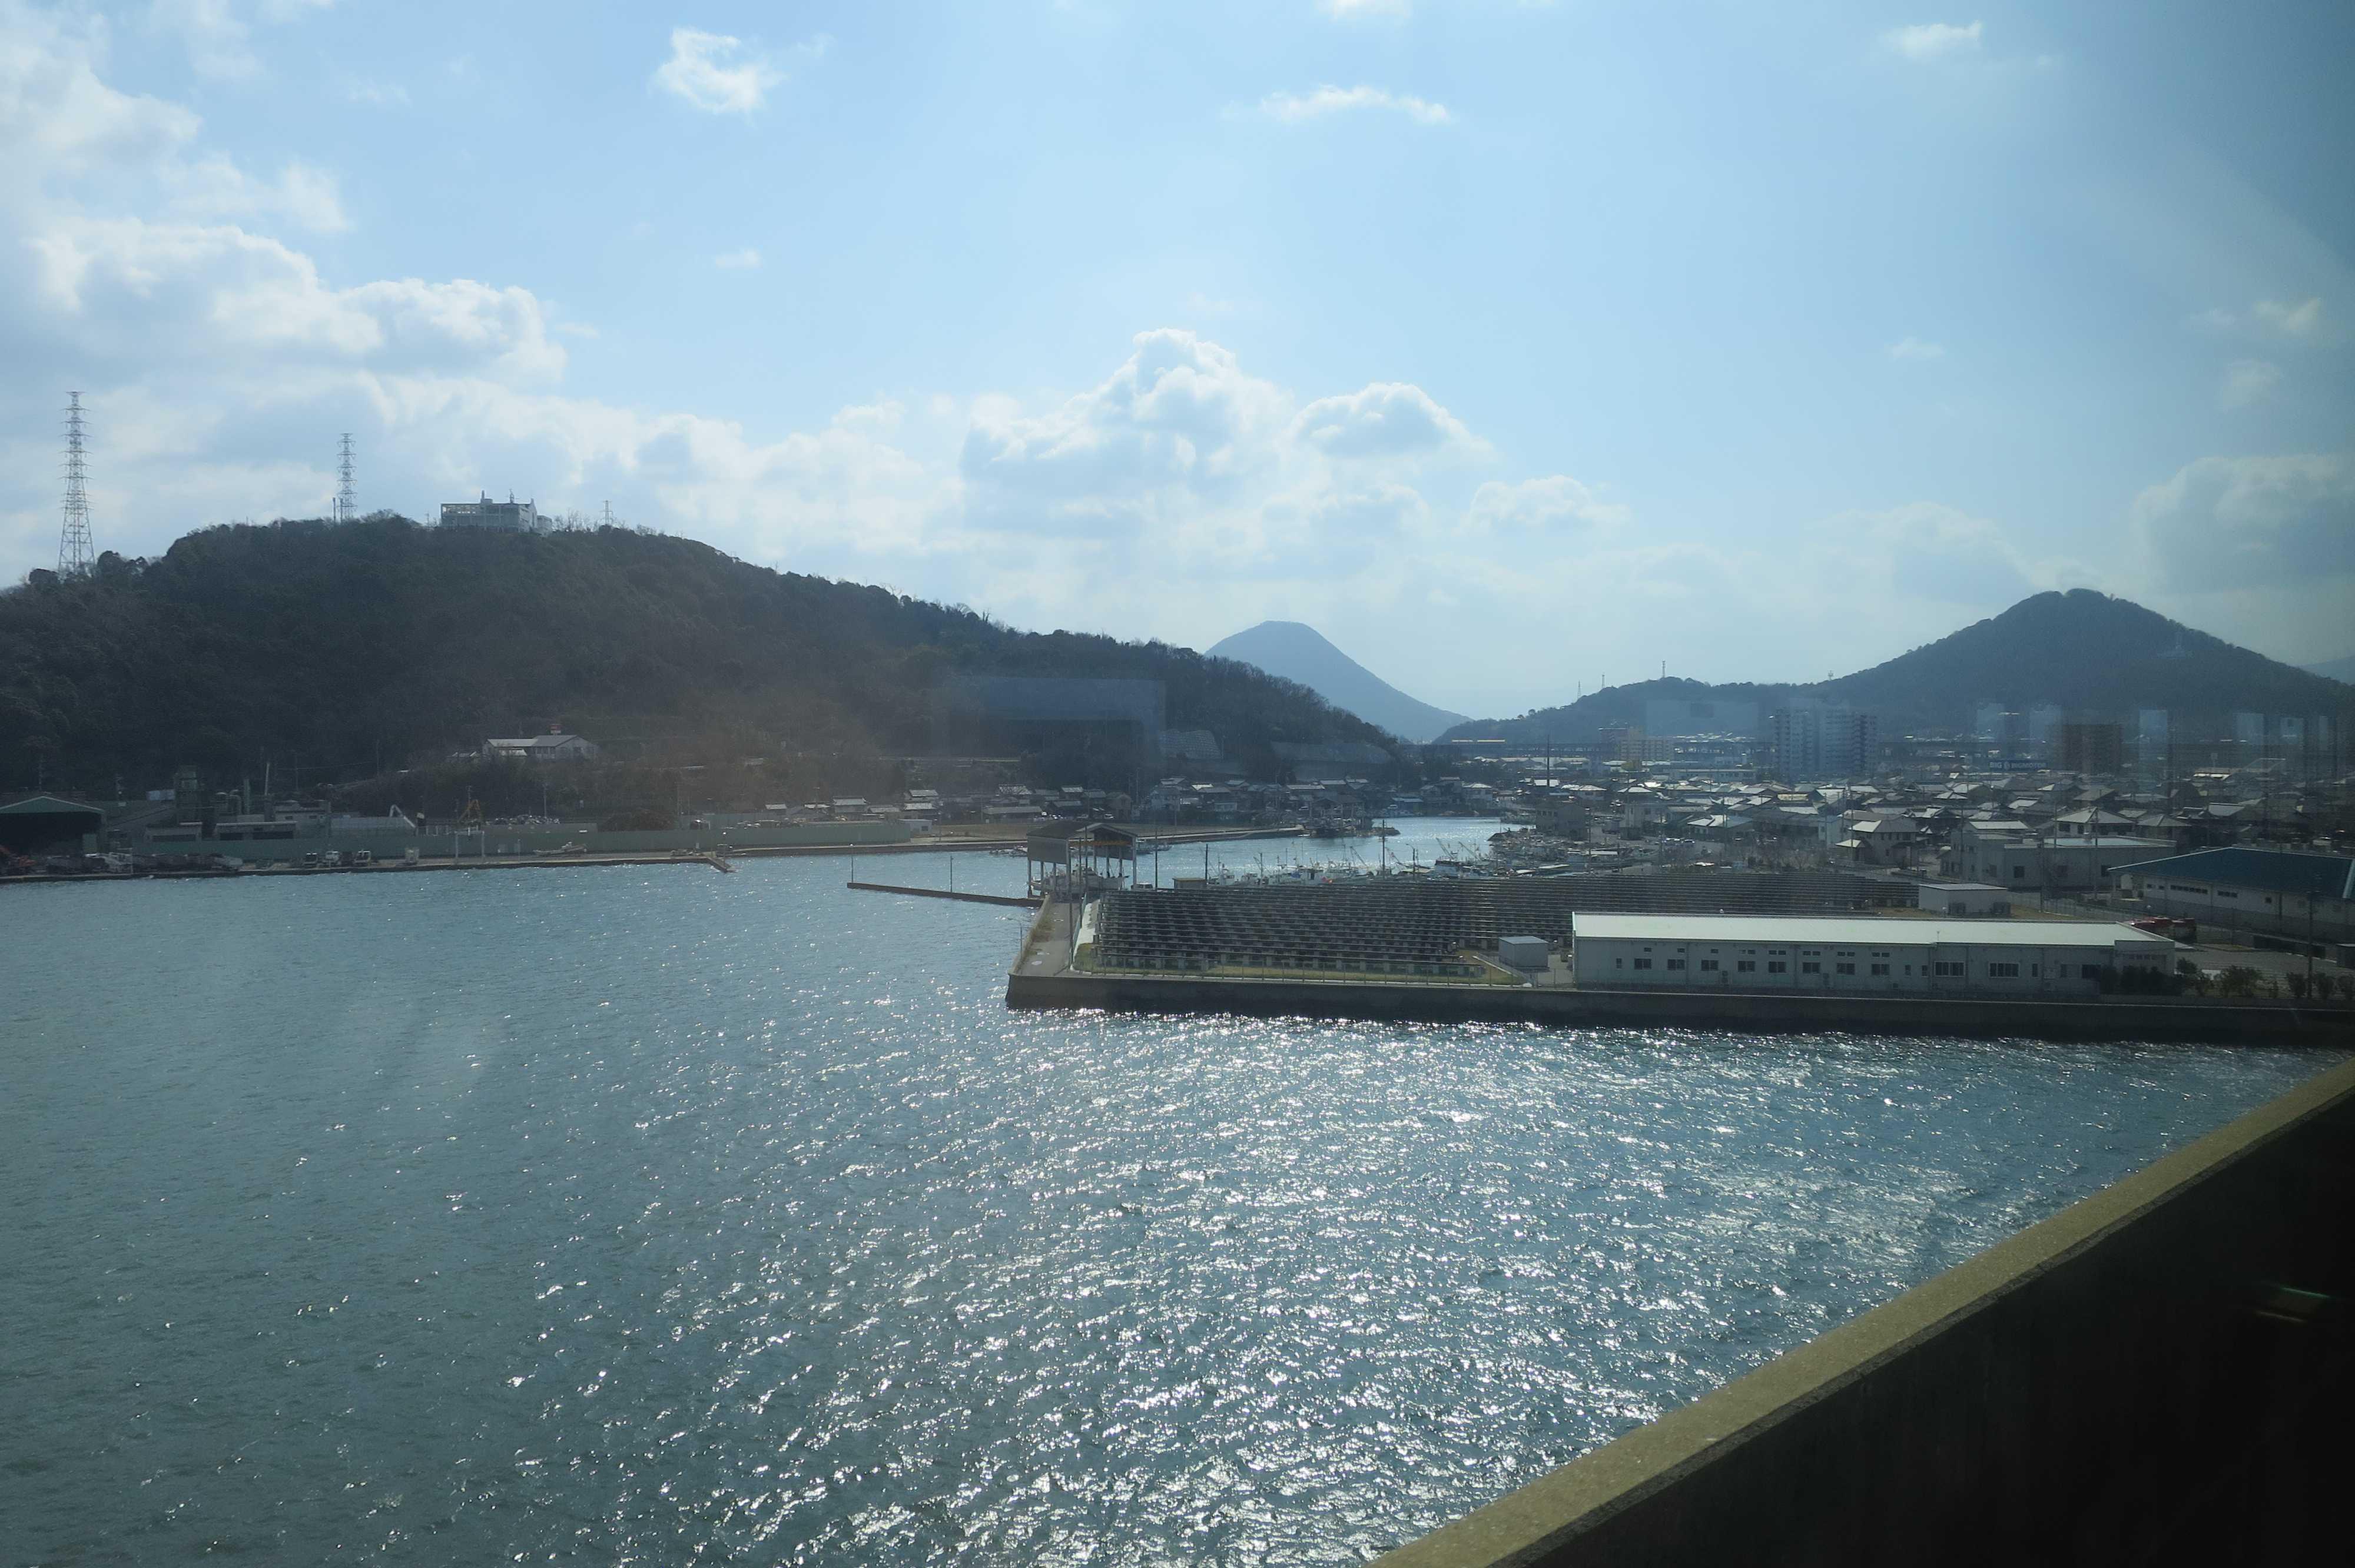 讃岐富士 - 瀬戸大橋を渡り、四国に入る時の光景